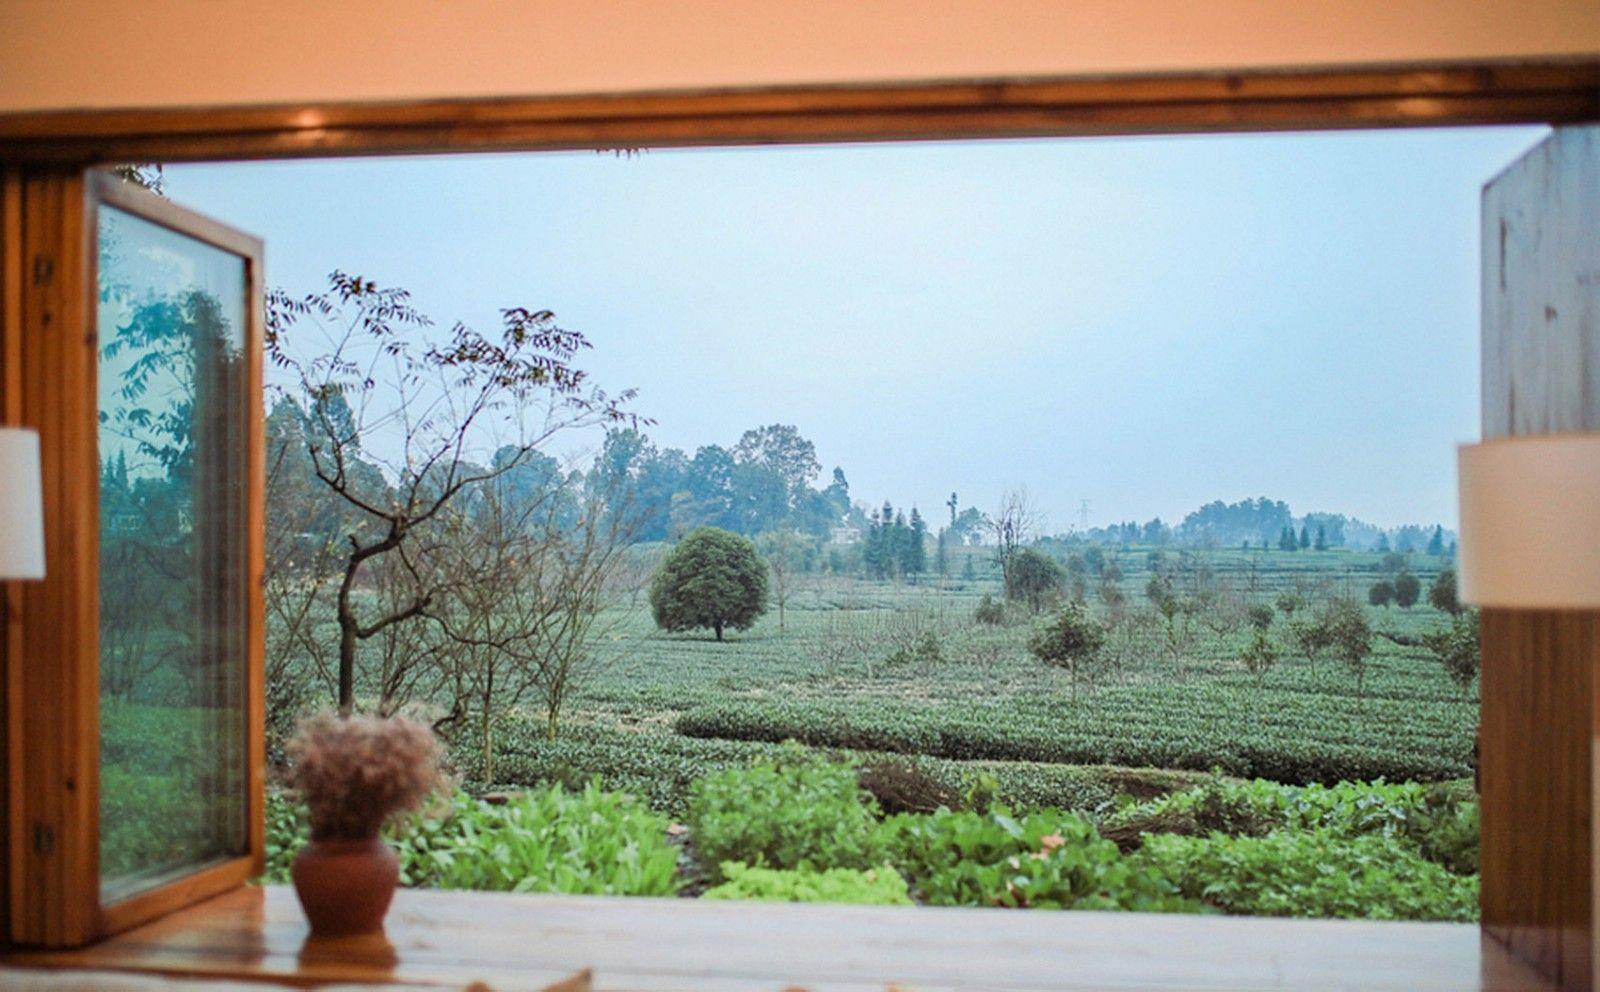 记忆里的悠悠茶香·四川-小茶院 | 使然设计|使然设计 - 9